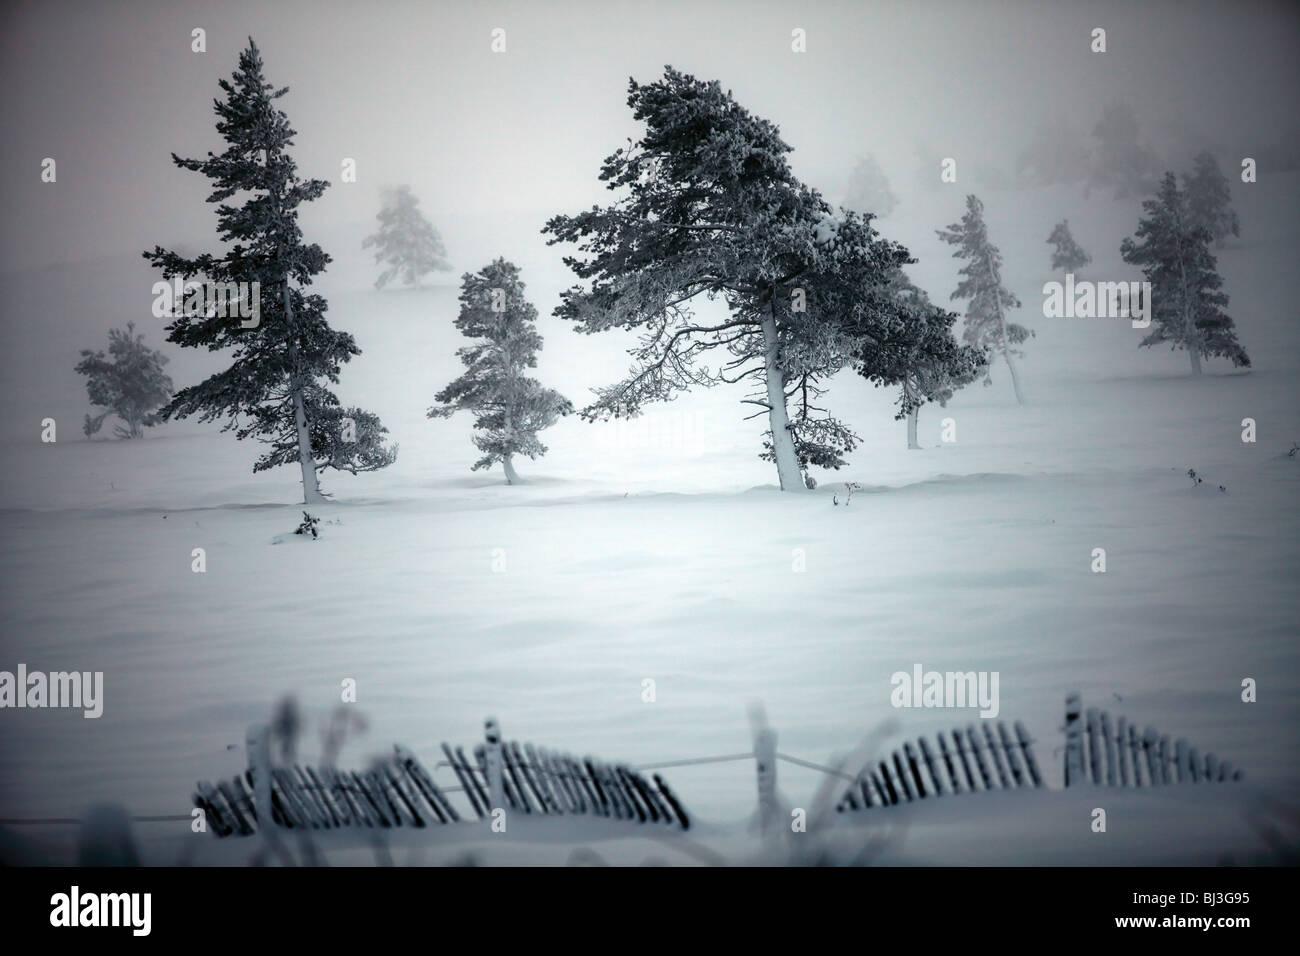 Schnee bedeckt Wind fegte Pinien auf einem schottischen Berg Stockbild